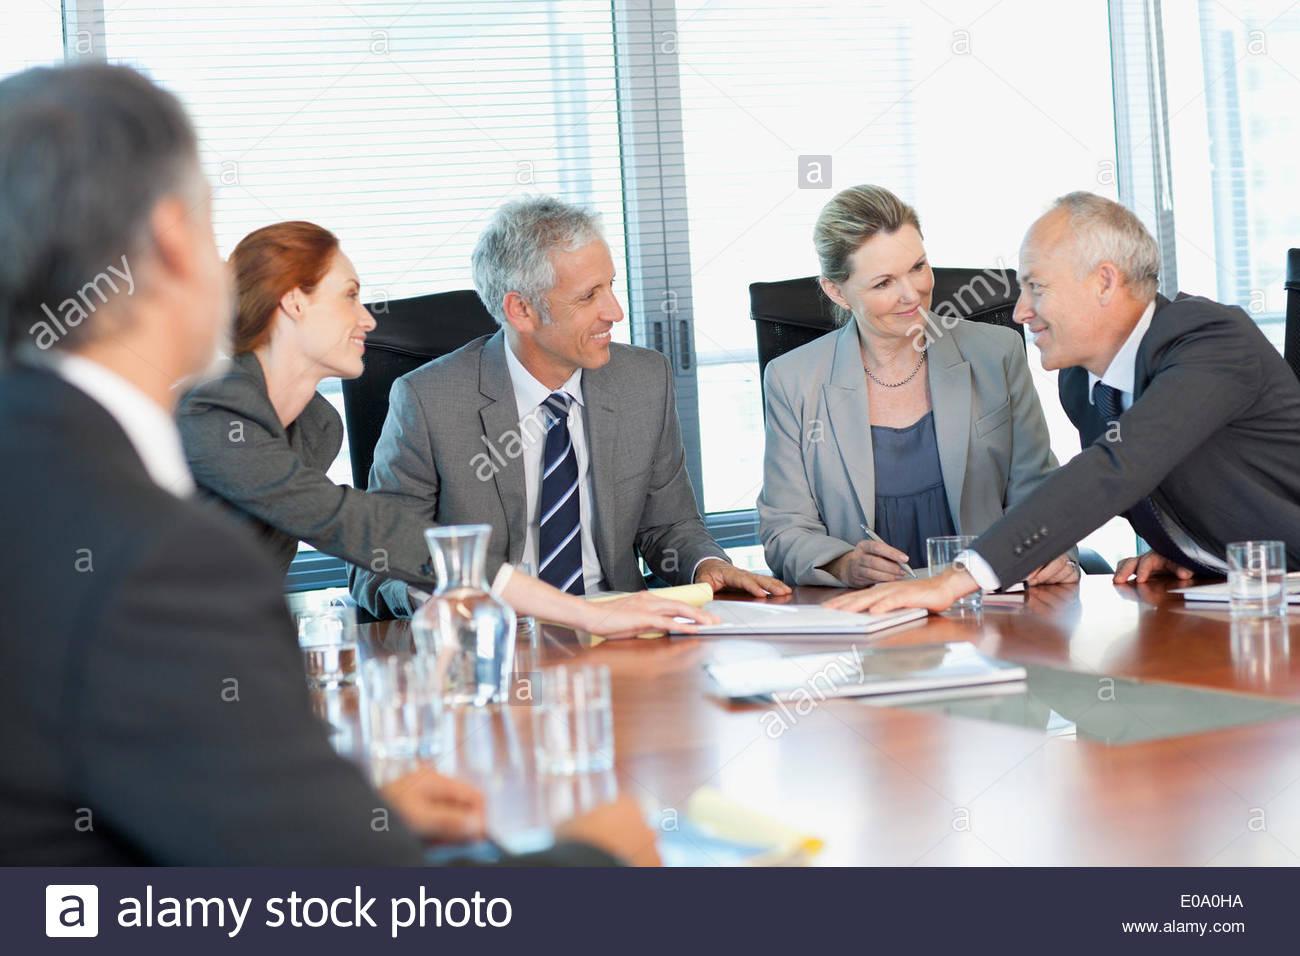 Smiling business people réunion à table dans la salle de conférence Photo Stock